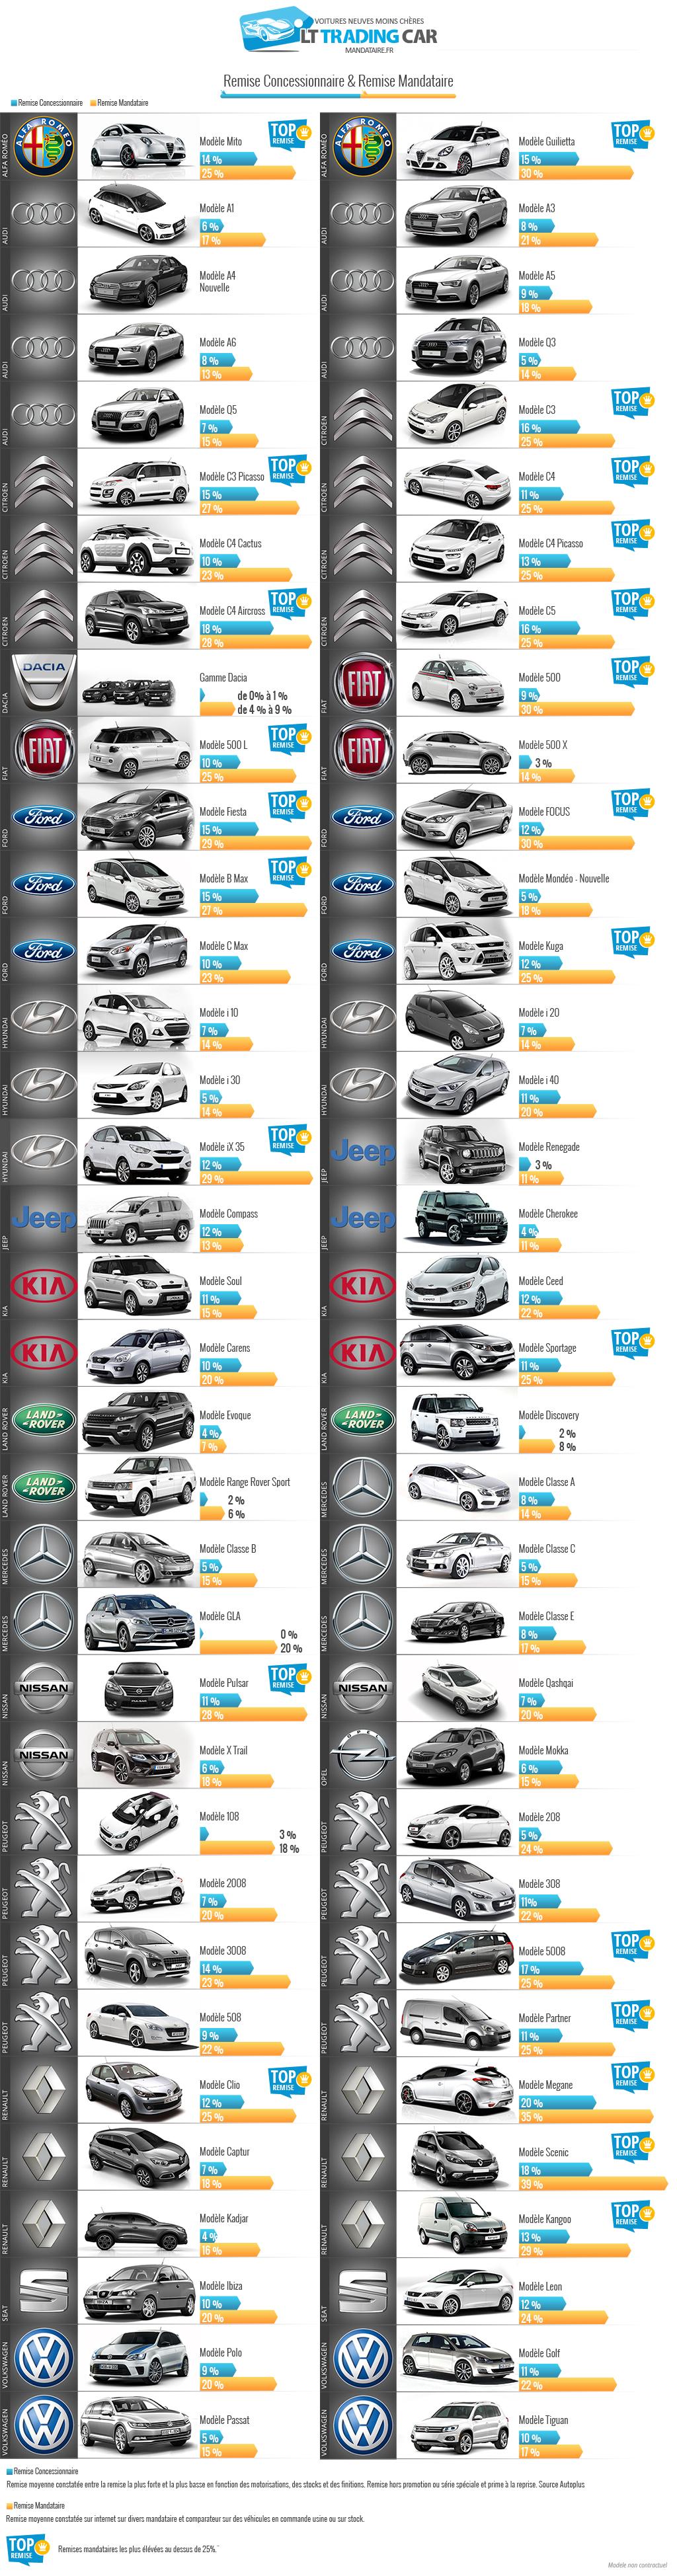 remise, mandataire auto, concession, achat voituer, vente voiture, prix